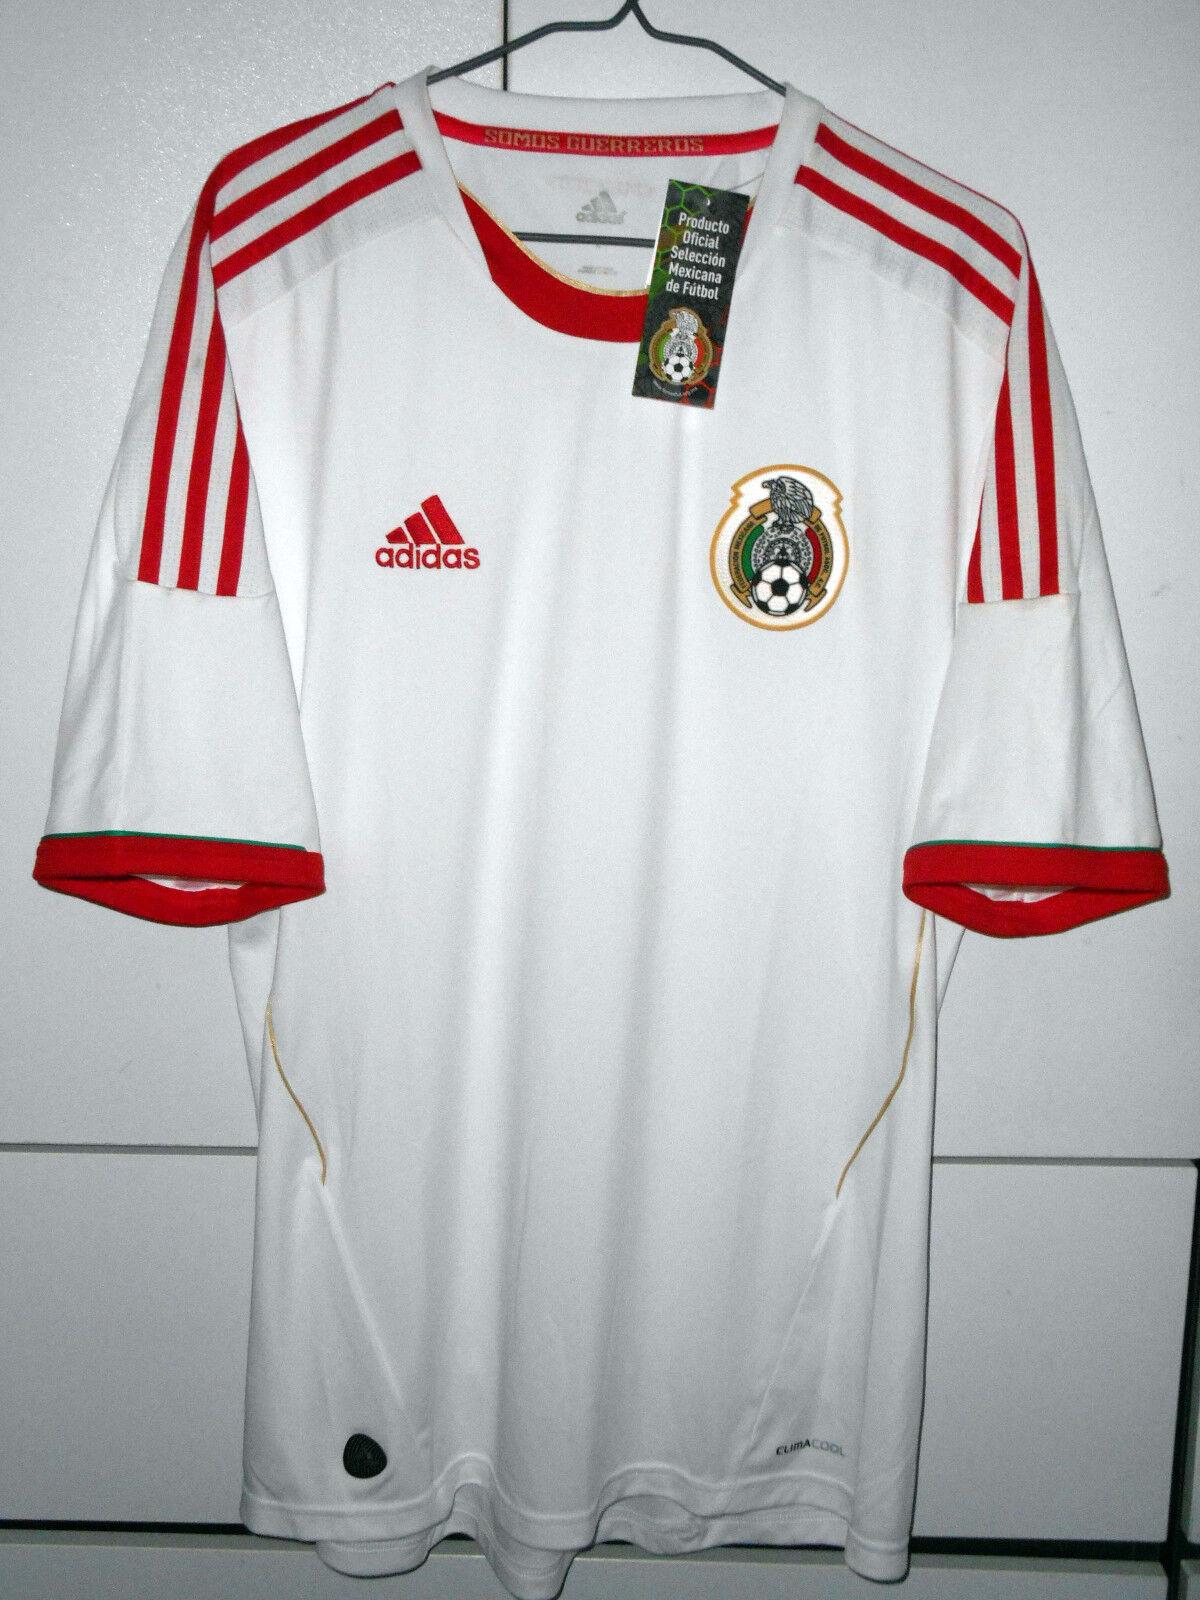 México Adidas Auténtico Fútbol Fútbol 2011-12 ventiladores Camisa Jersey lejos XL